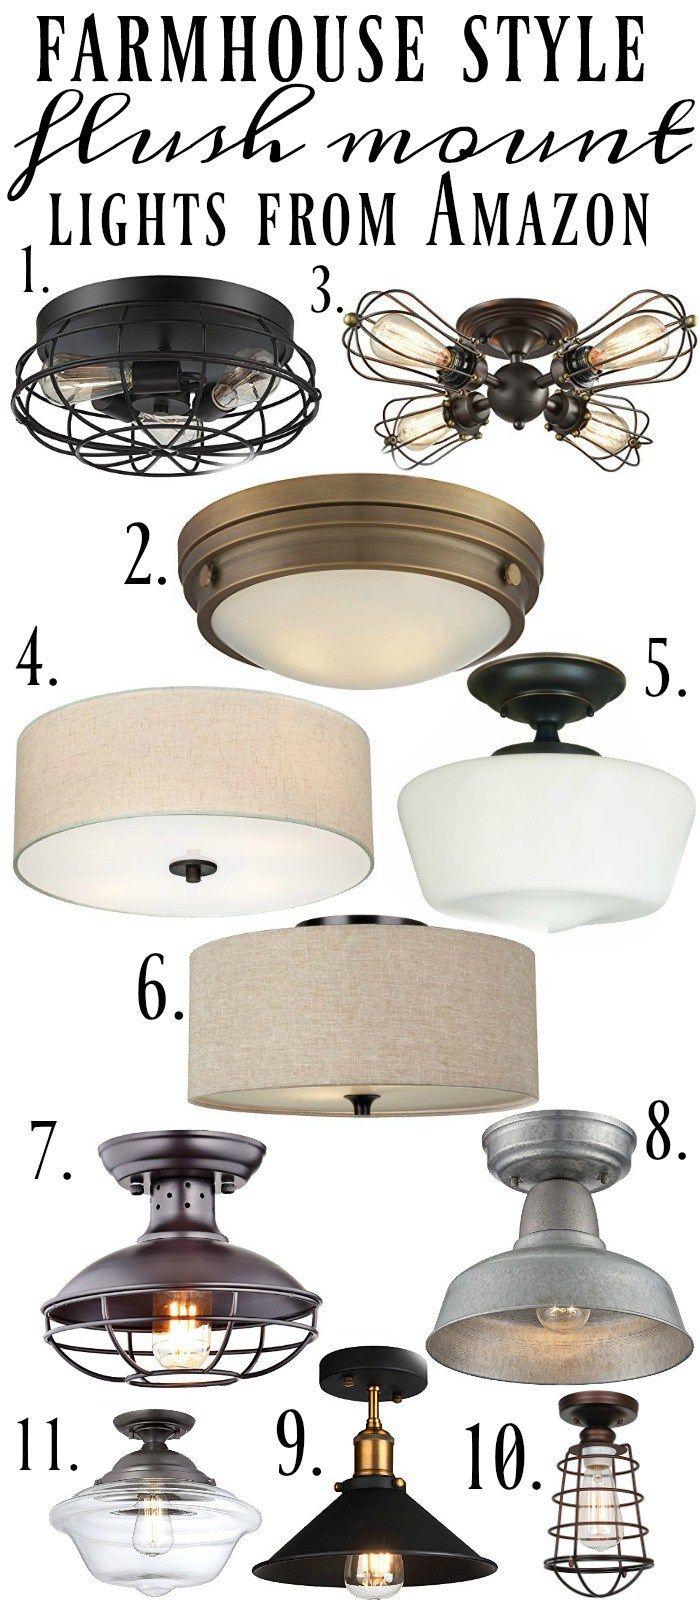 Farmhouse Style Bathroom Light Fixtures Flush Mount Lighting - Bathroom light fixtures that hang from ceiling